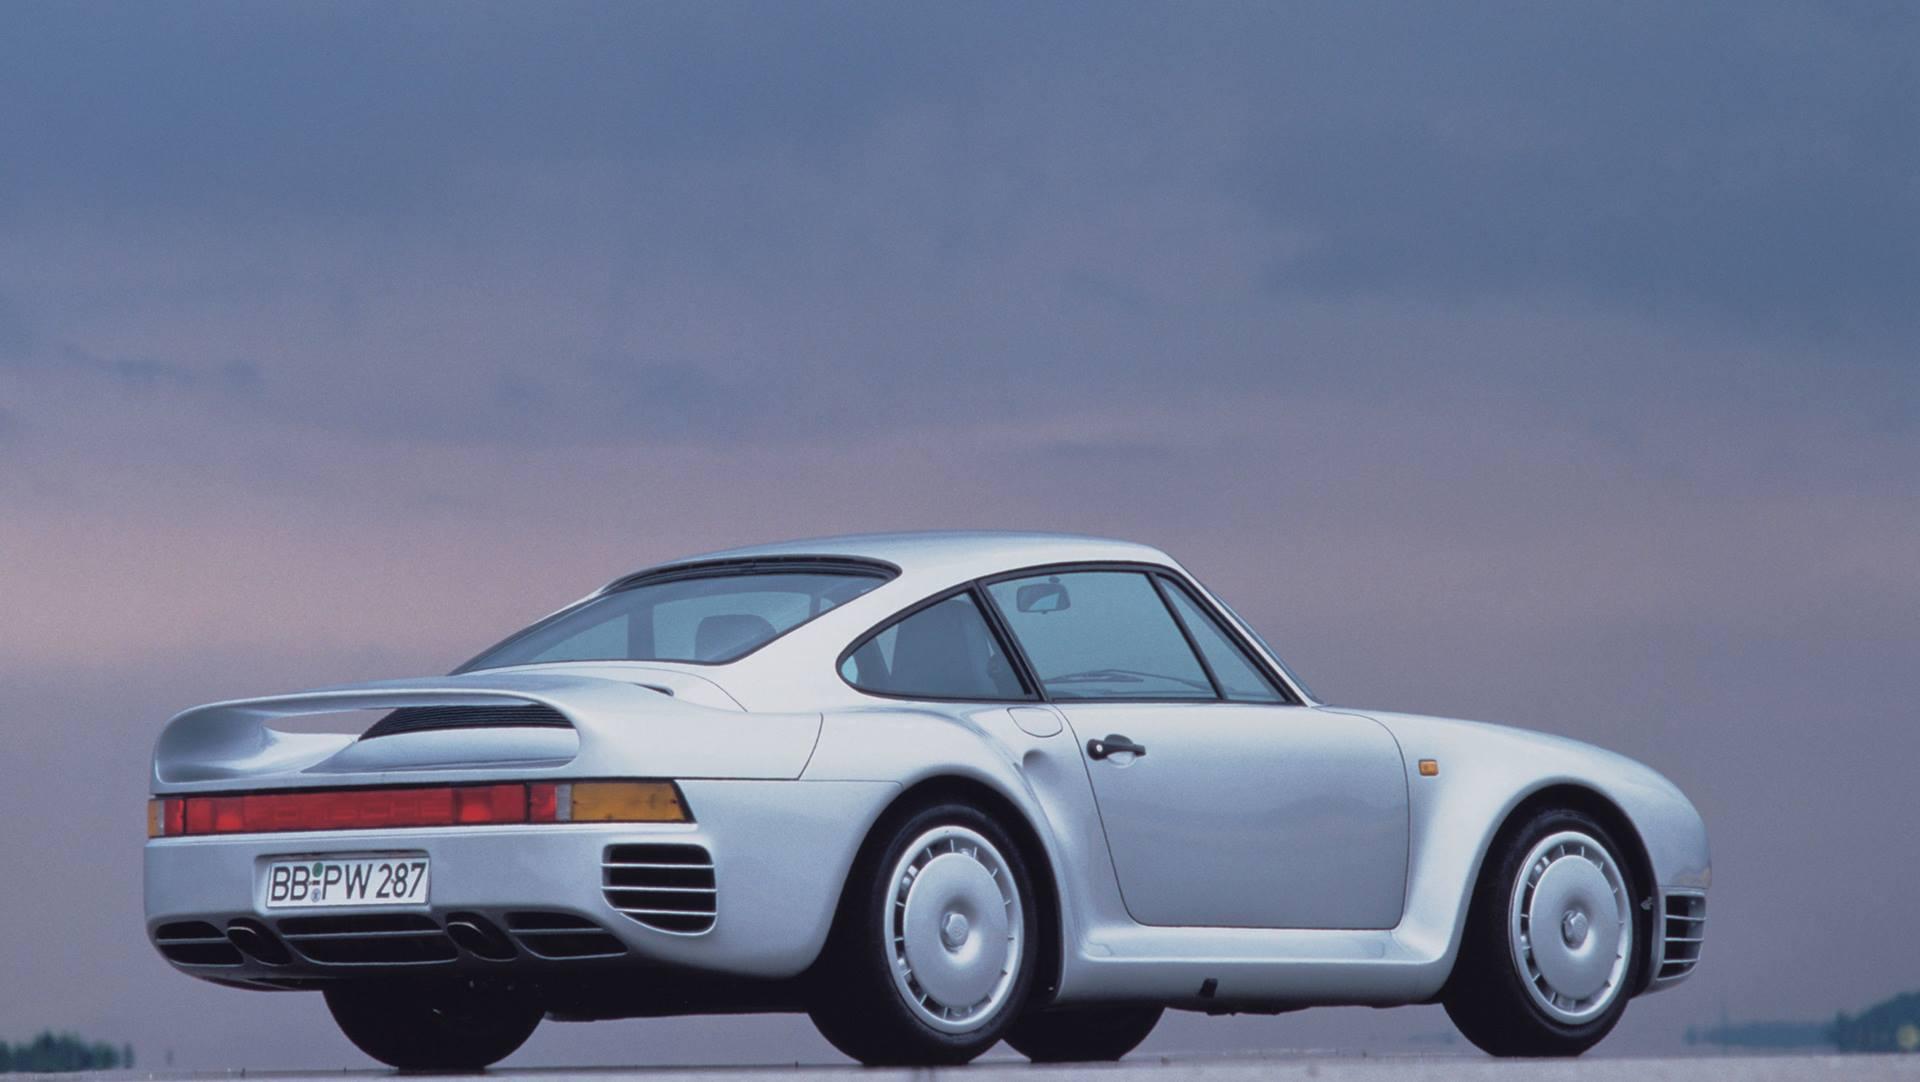 1985 Porsche 959 turbofan wheels